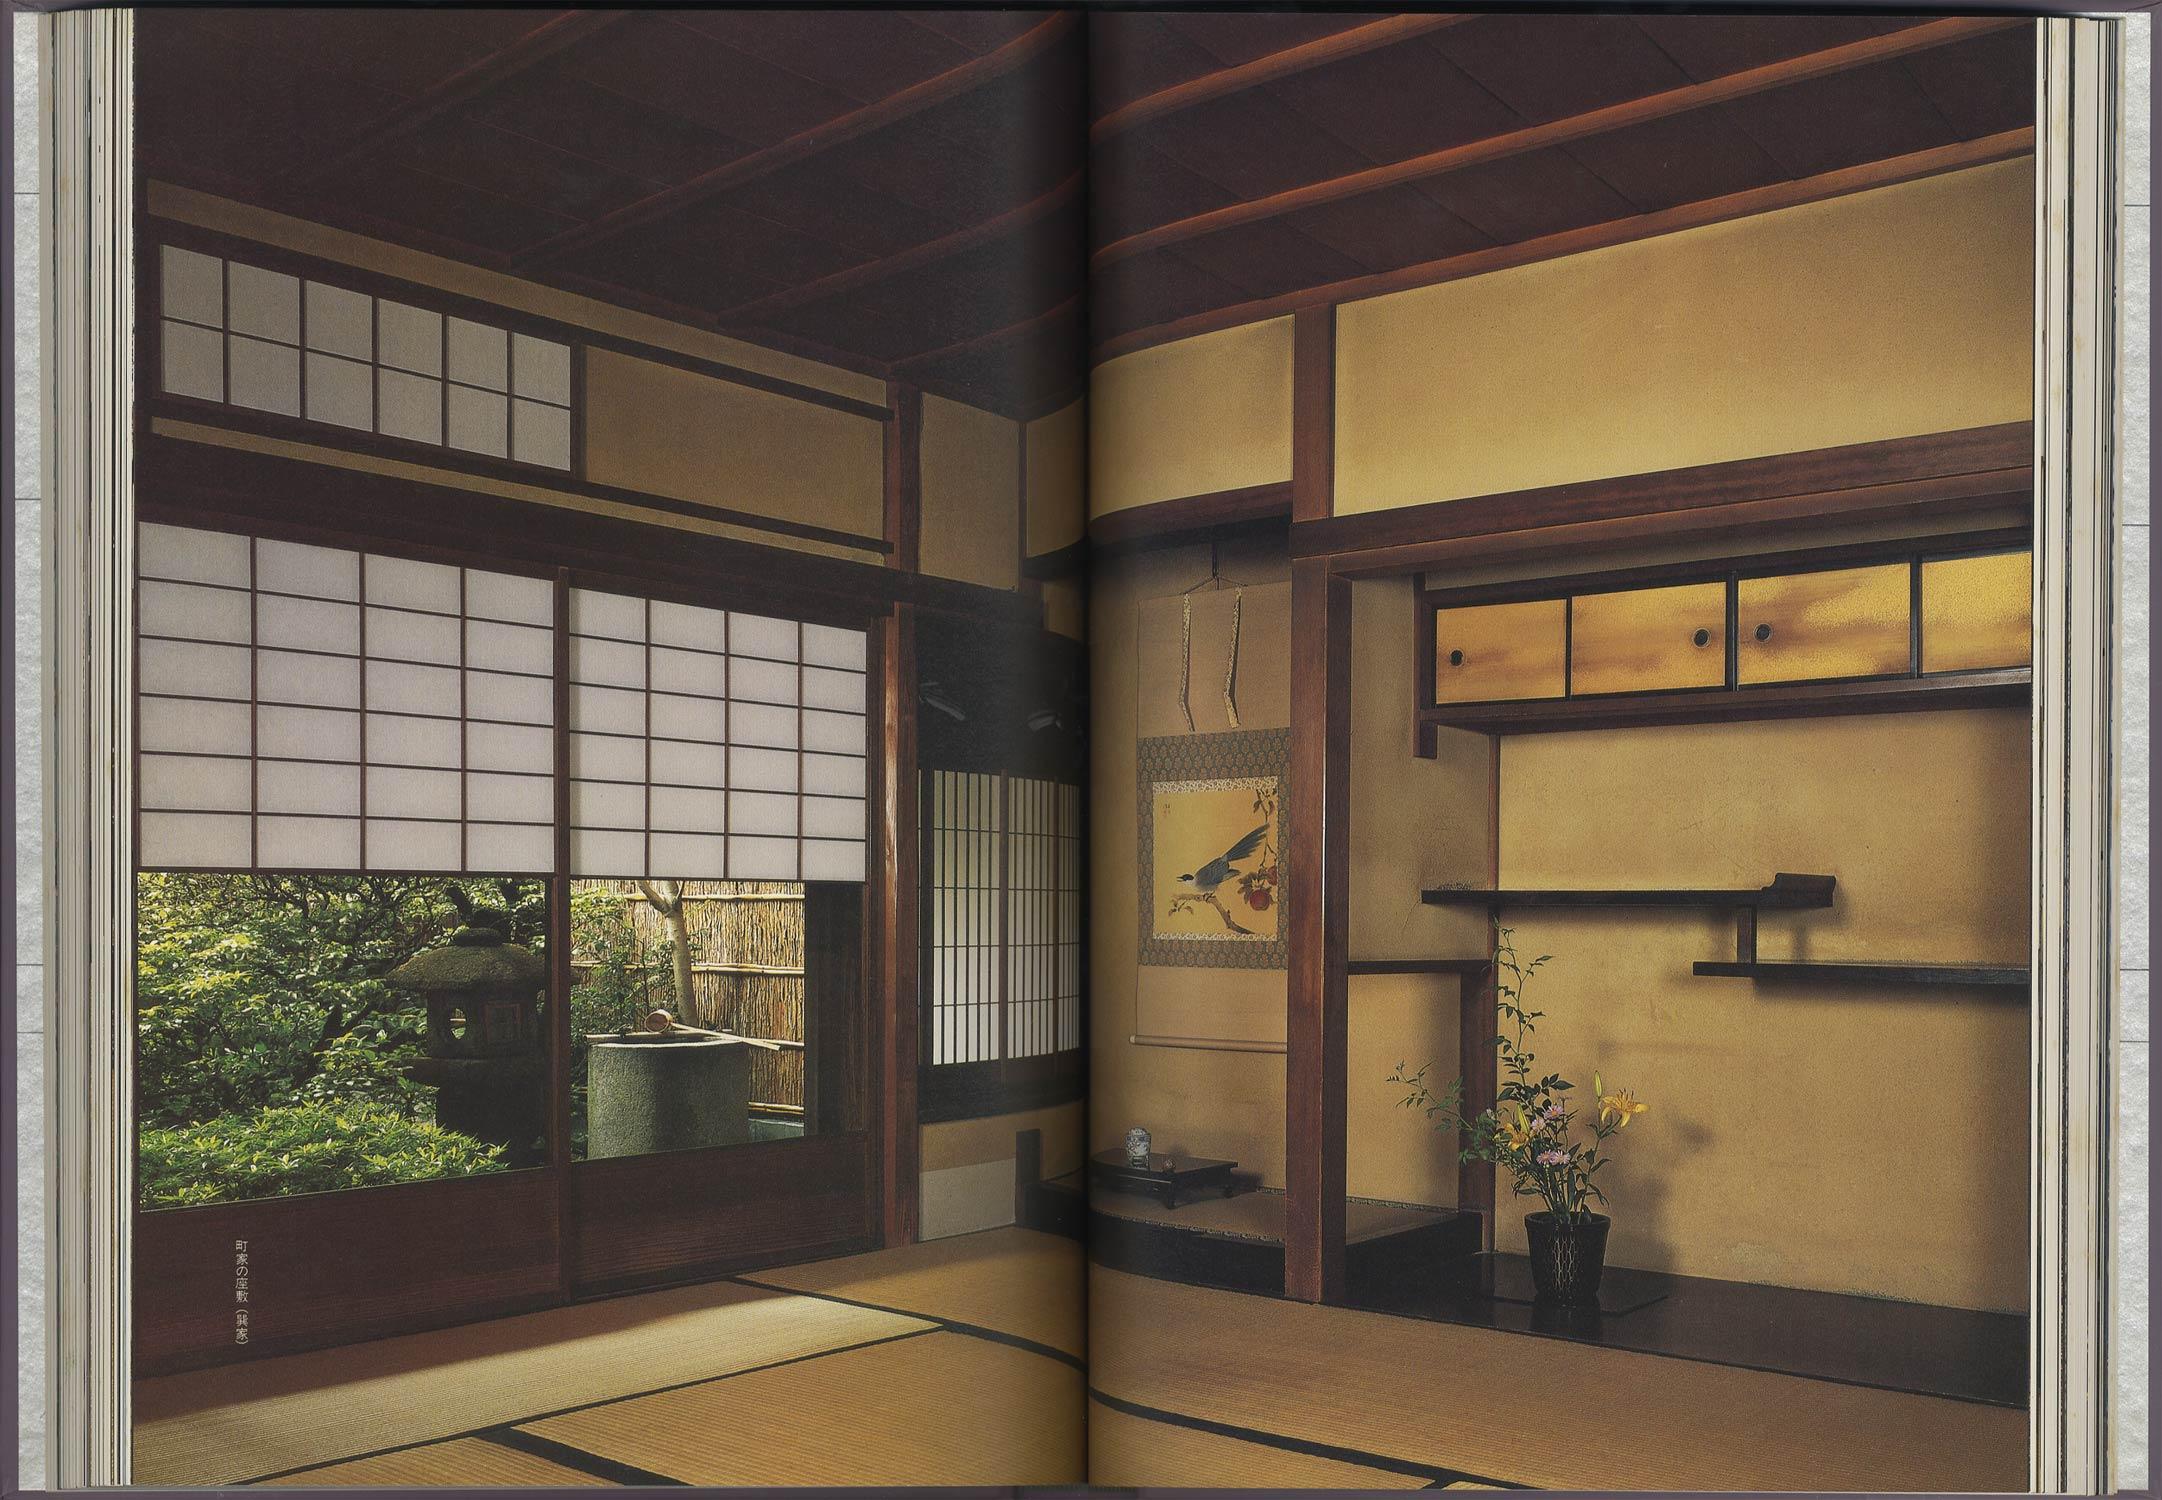 室礼先人今人 住まいの文化誌[image3]